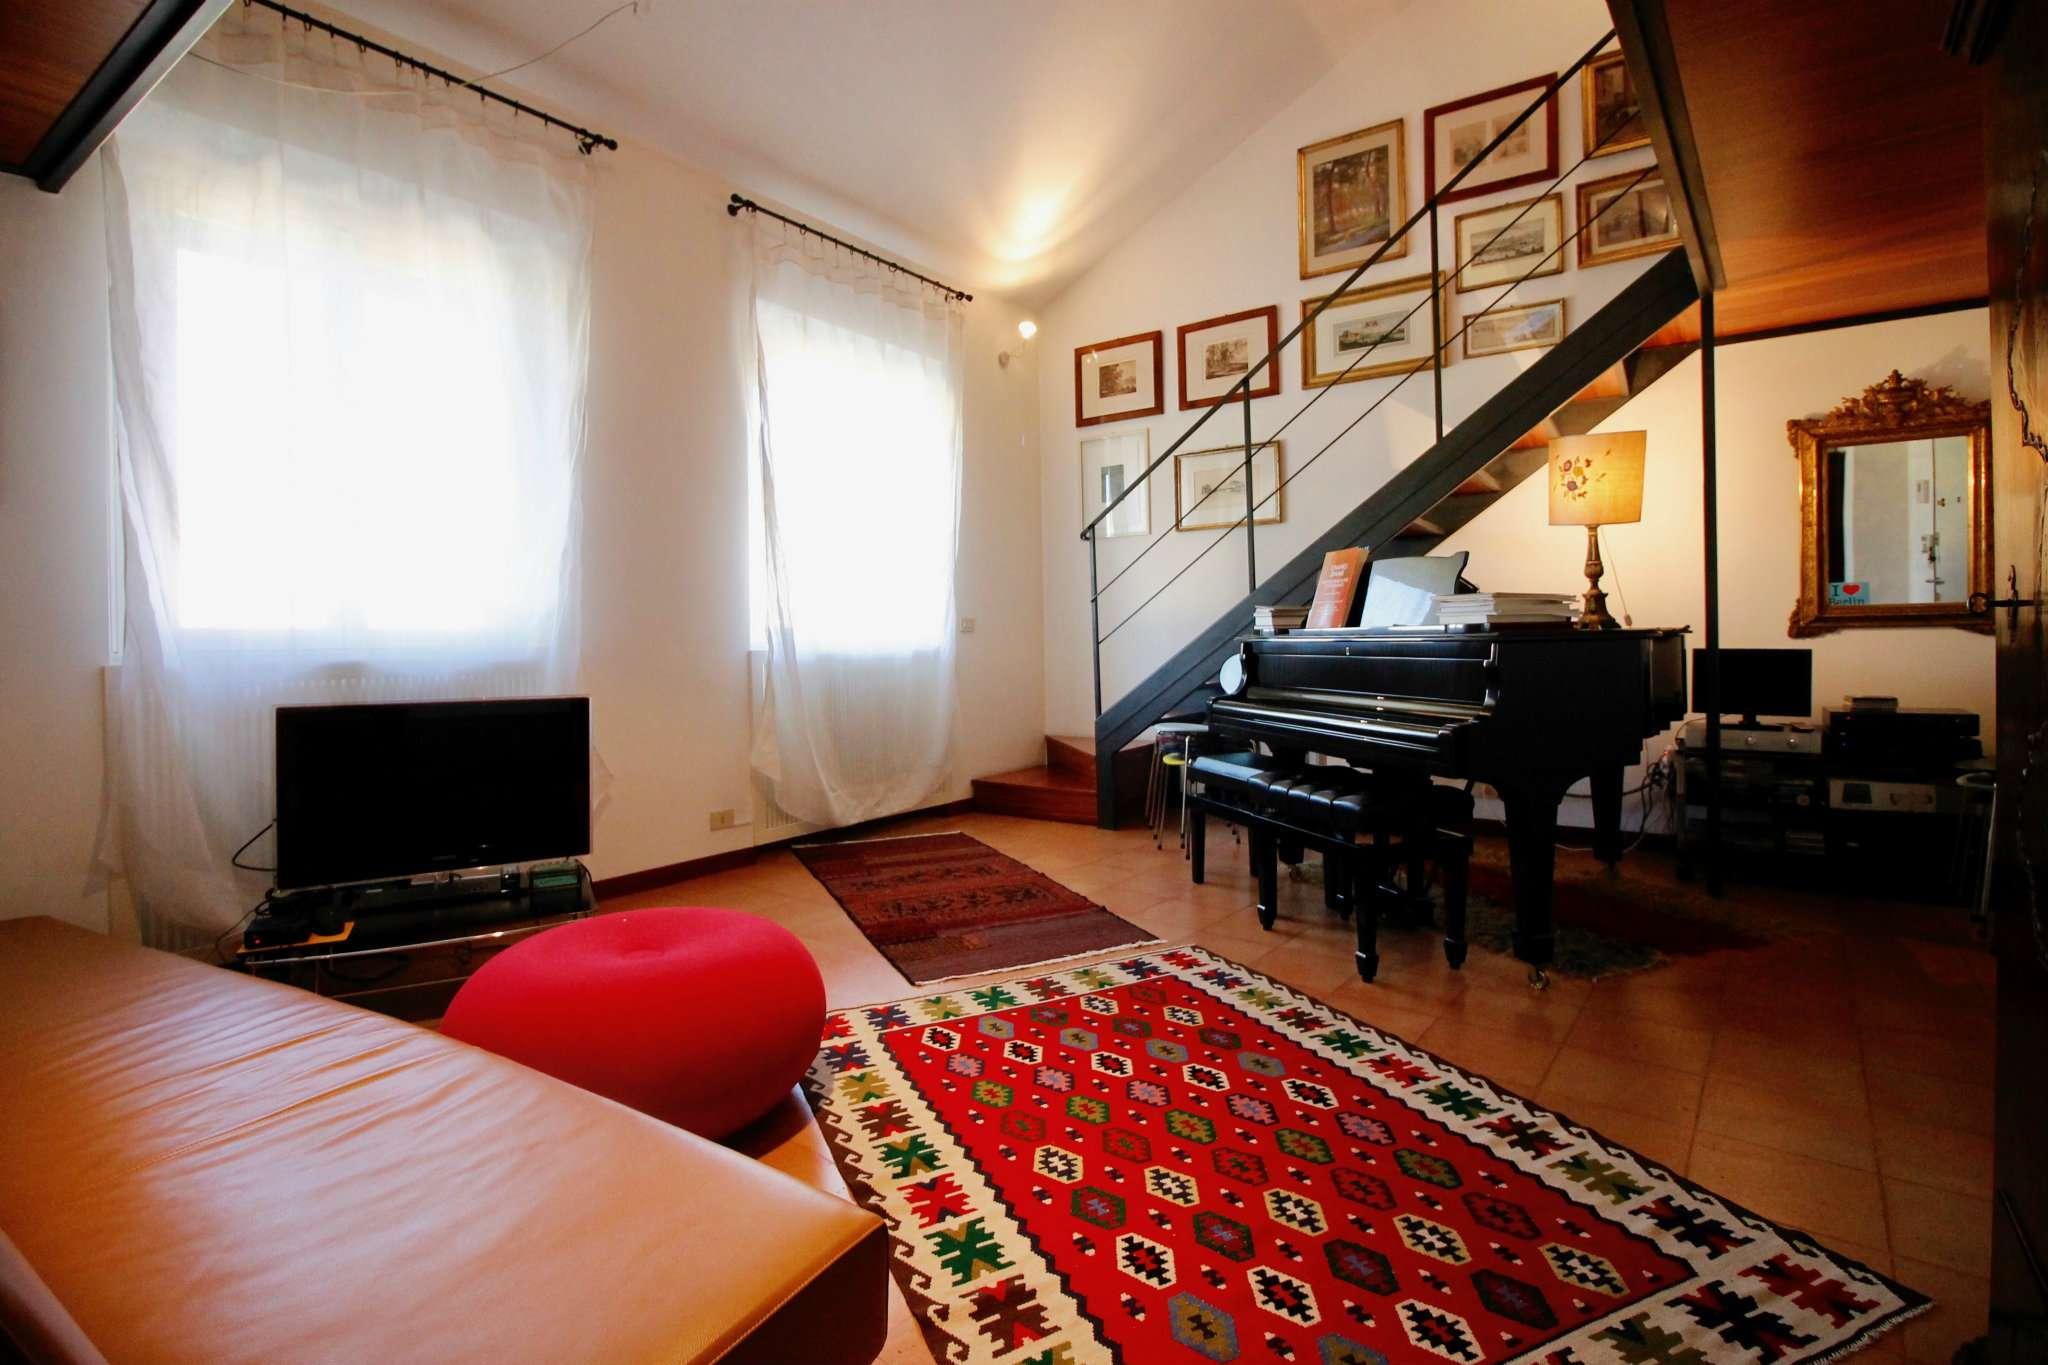 Appartamento in Vendita a Milano 02 Brera / Volta / Repubblica: 2 locali, 85 mq